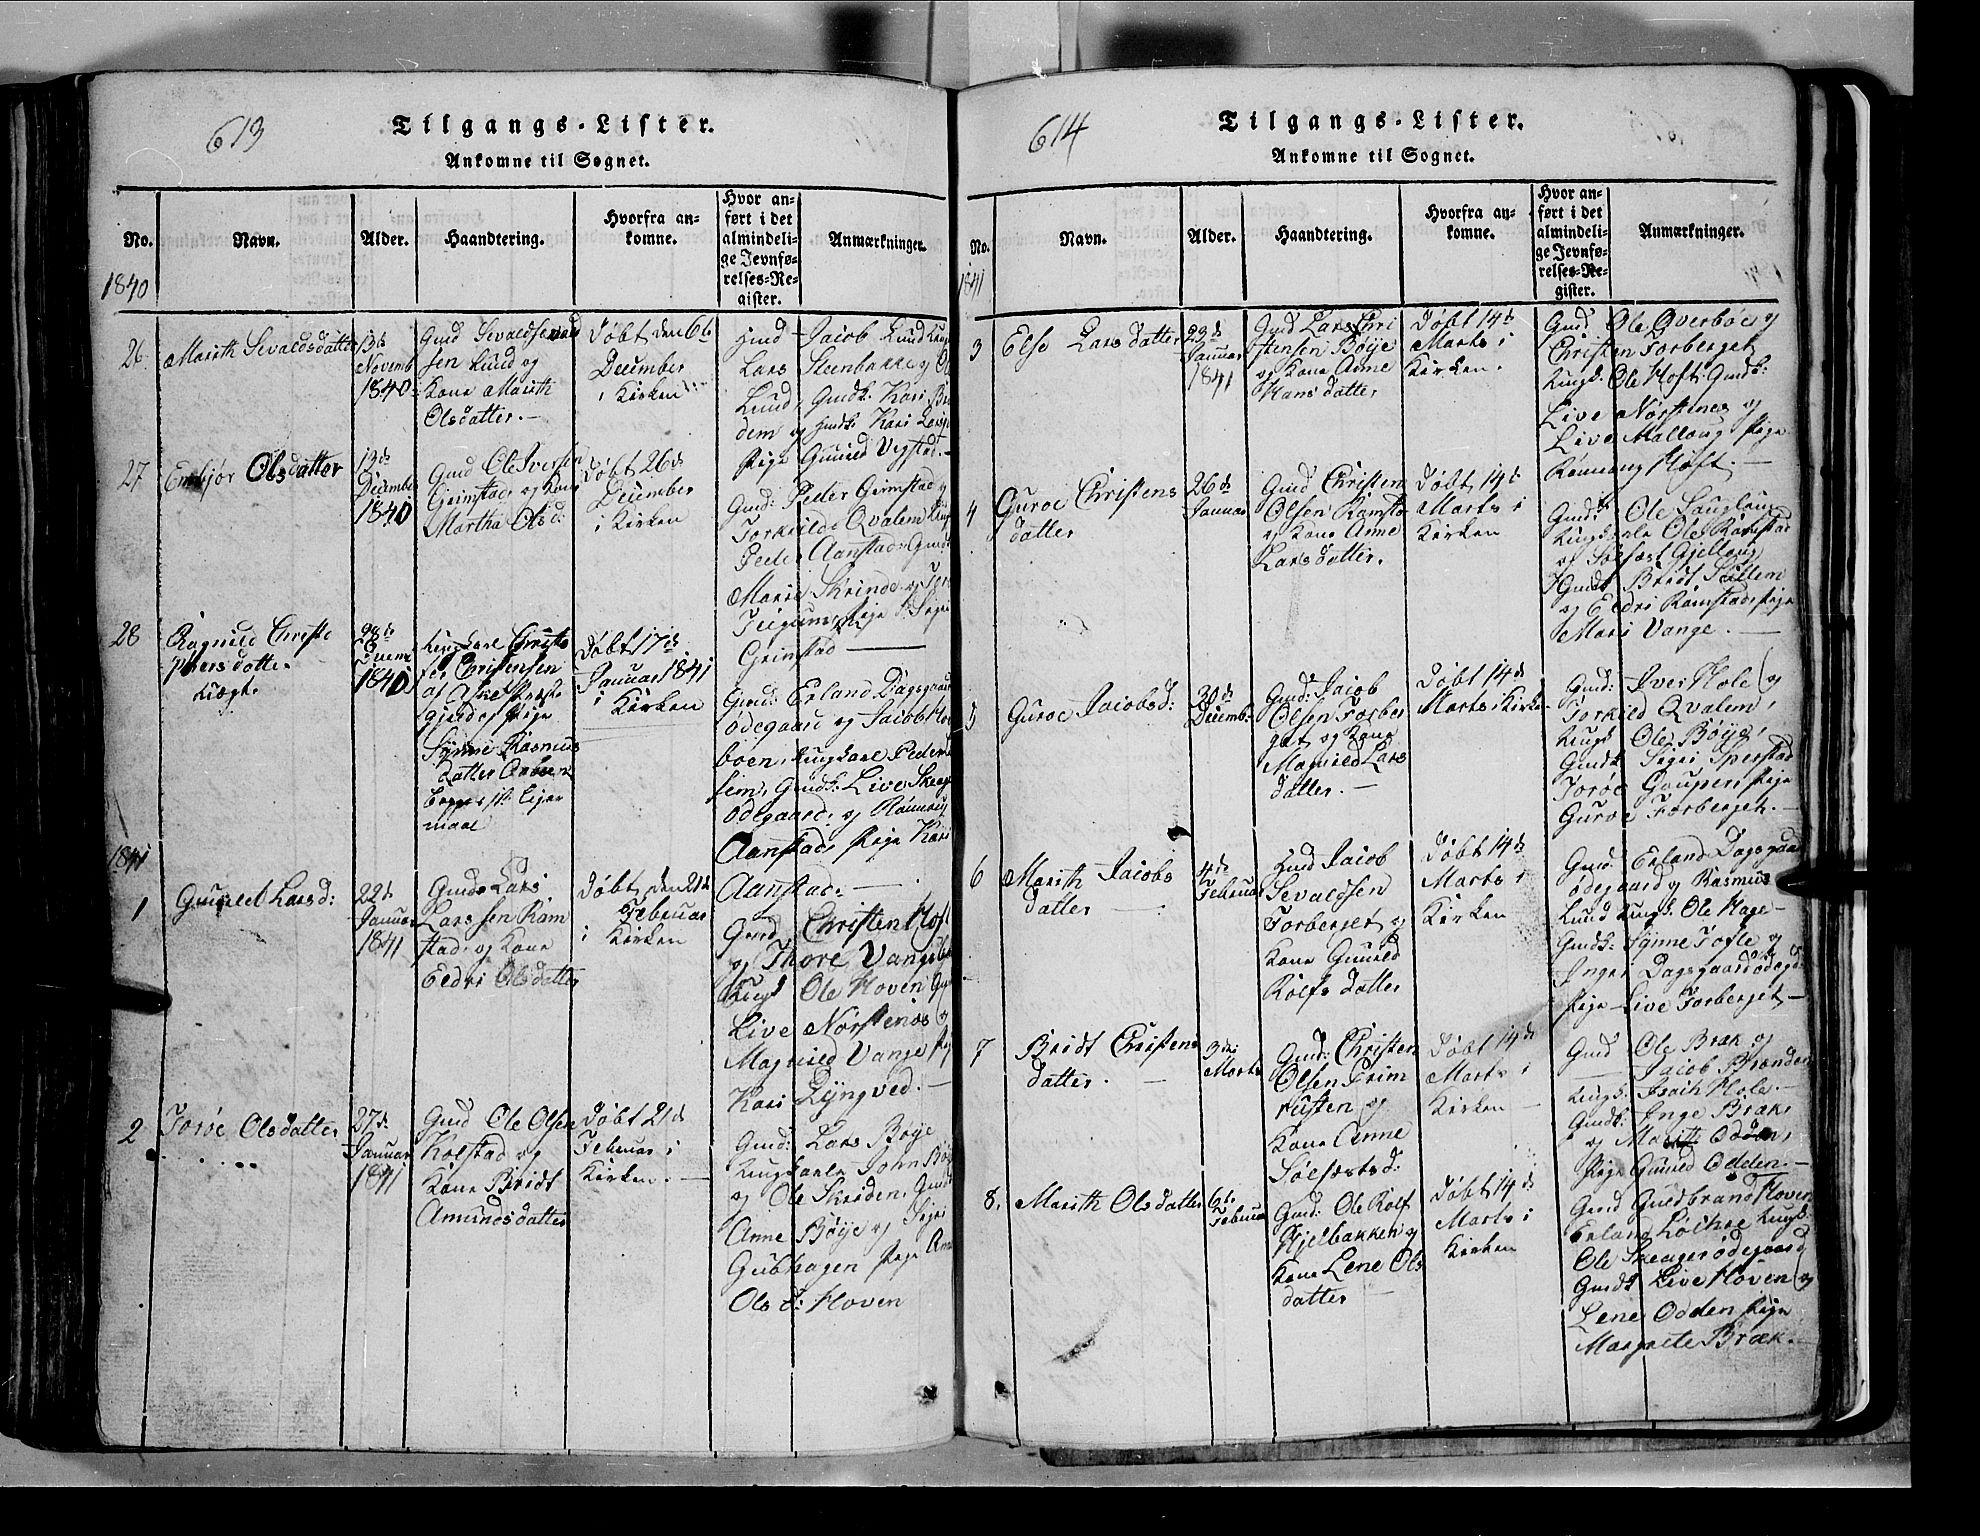 SAH, Lom prestekontor, L/L0003: Klokkerbok nr. 3, 1815-1844, s. 613-614